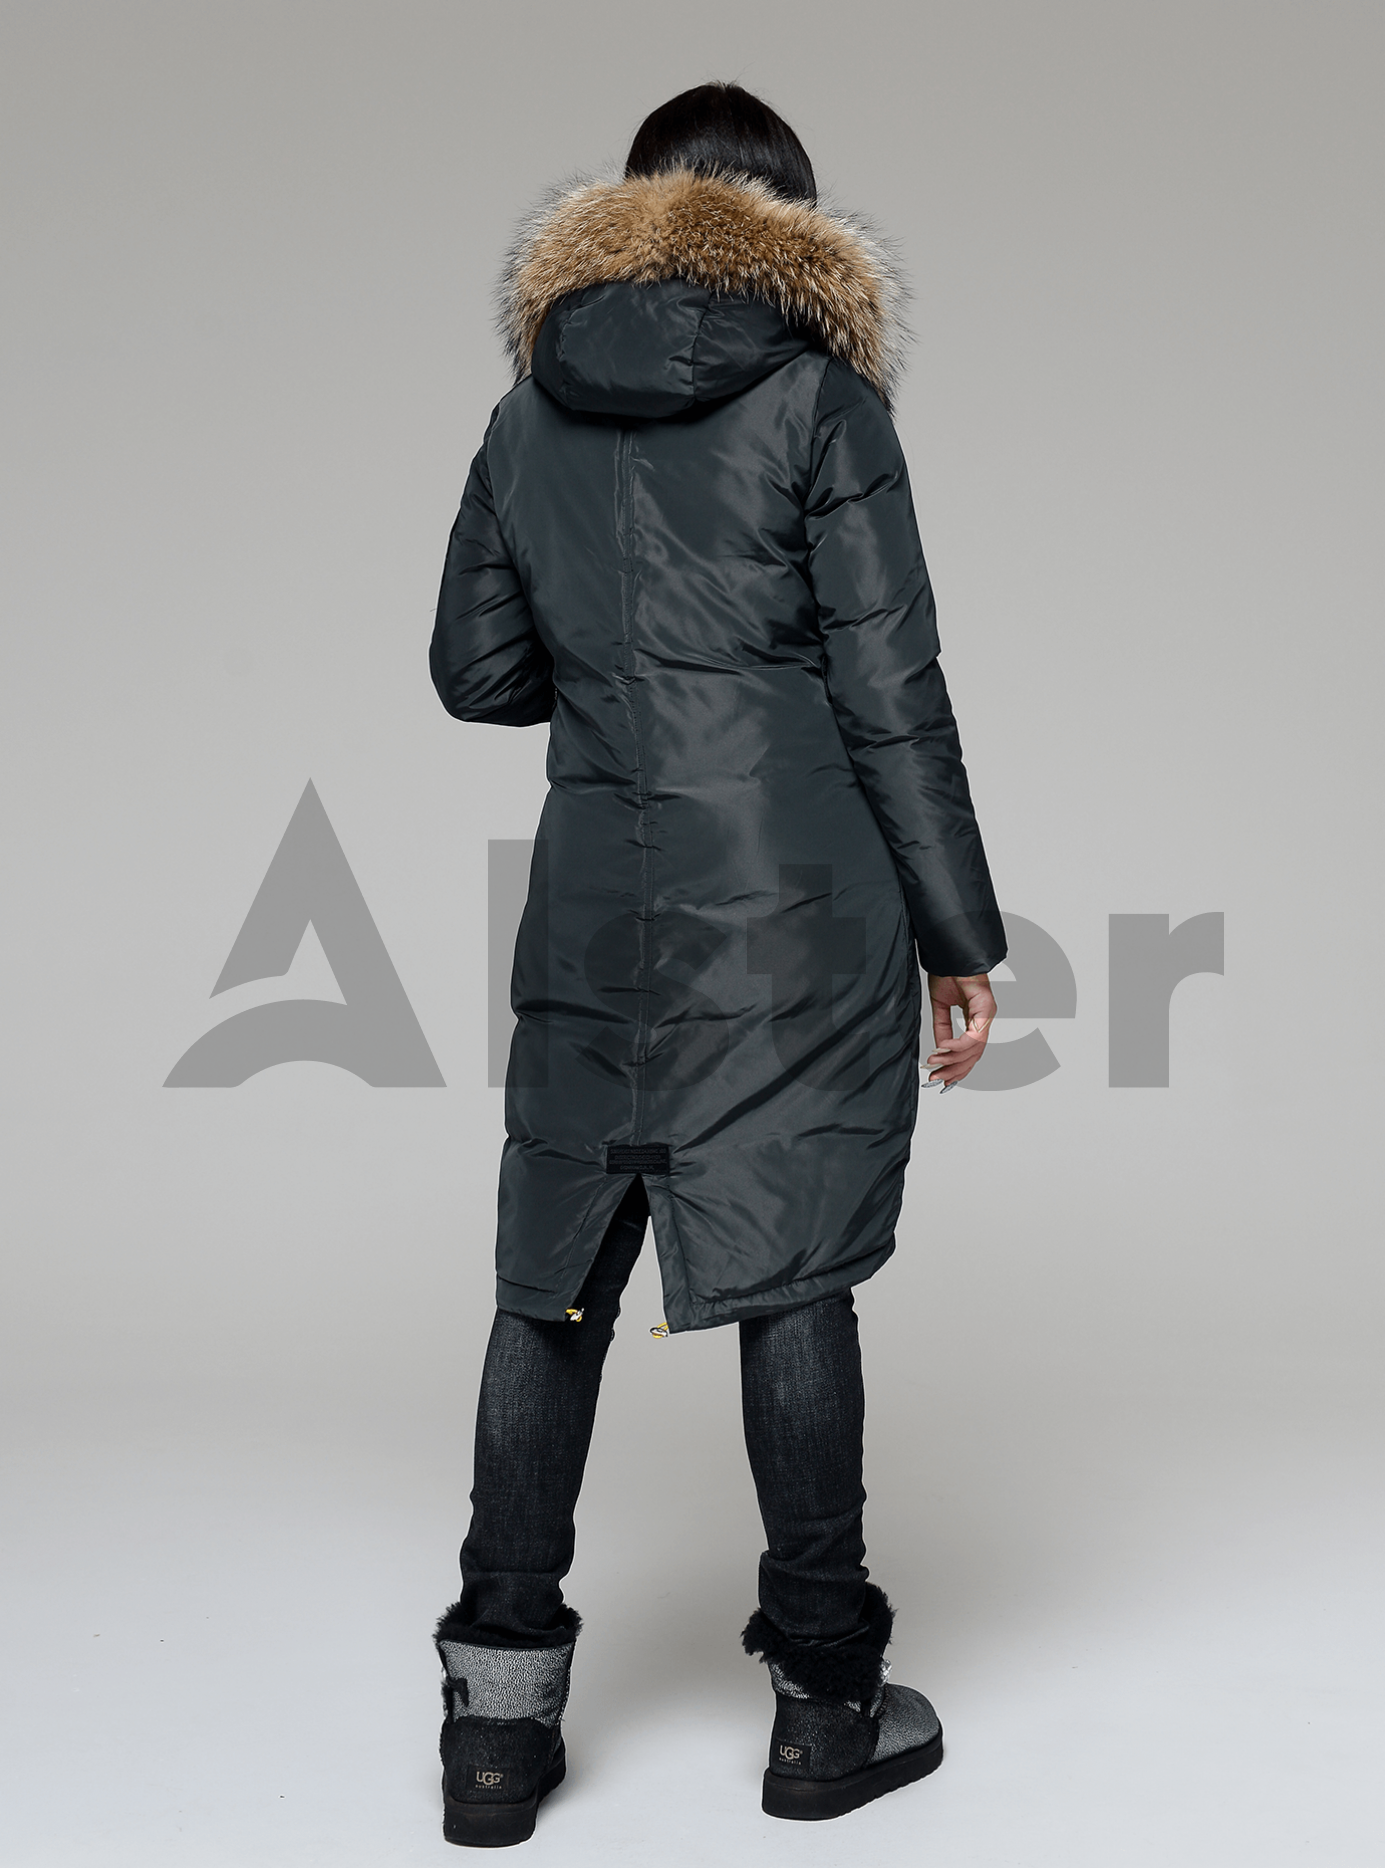 Куртка зимняя длинная со съемным мехом енота Тёмно-зелёный S (05-V191205): фото - Alster.ua